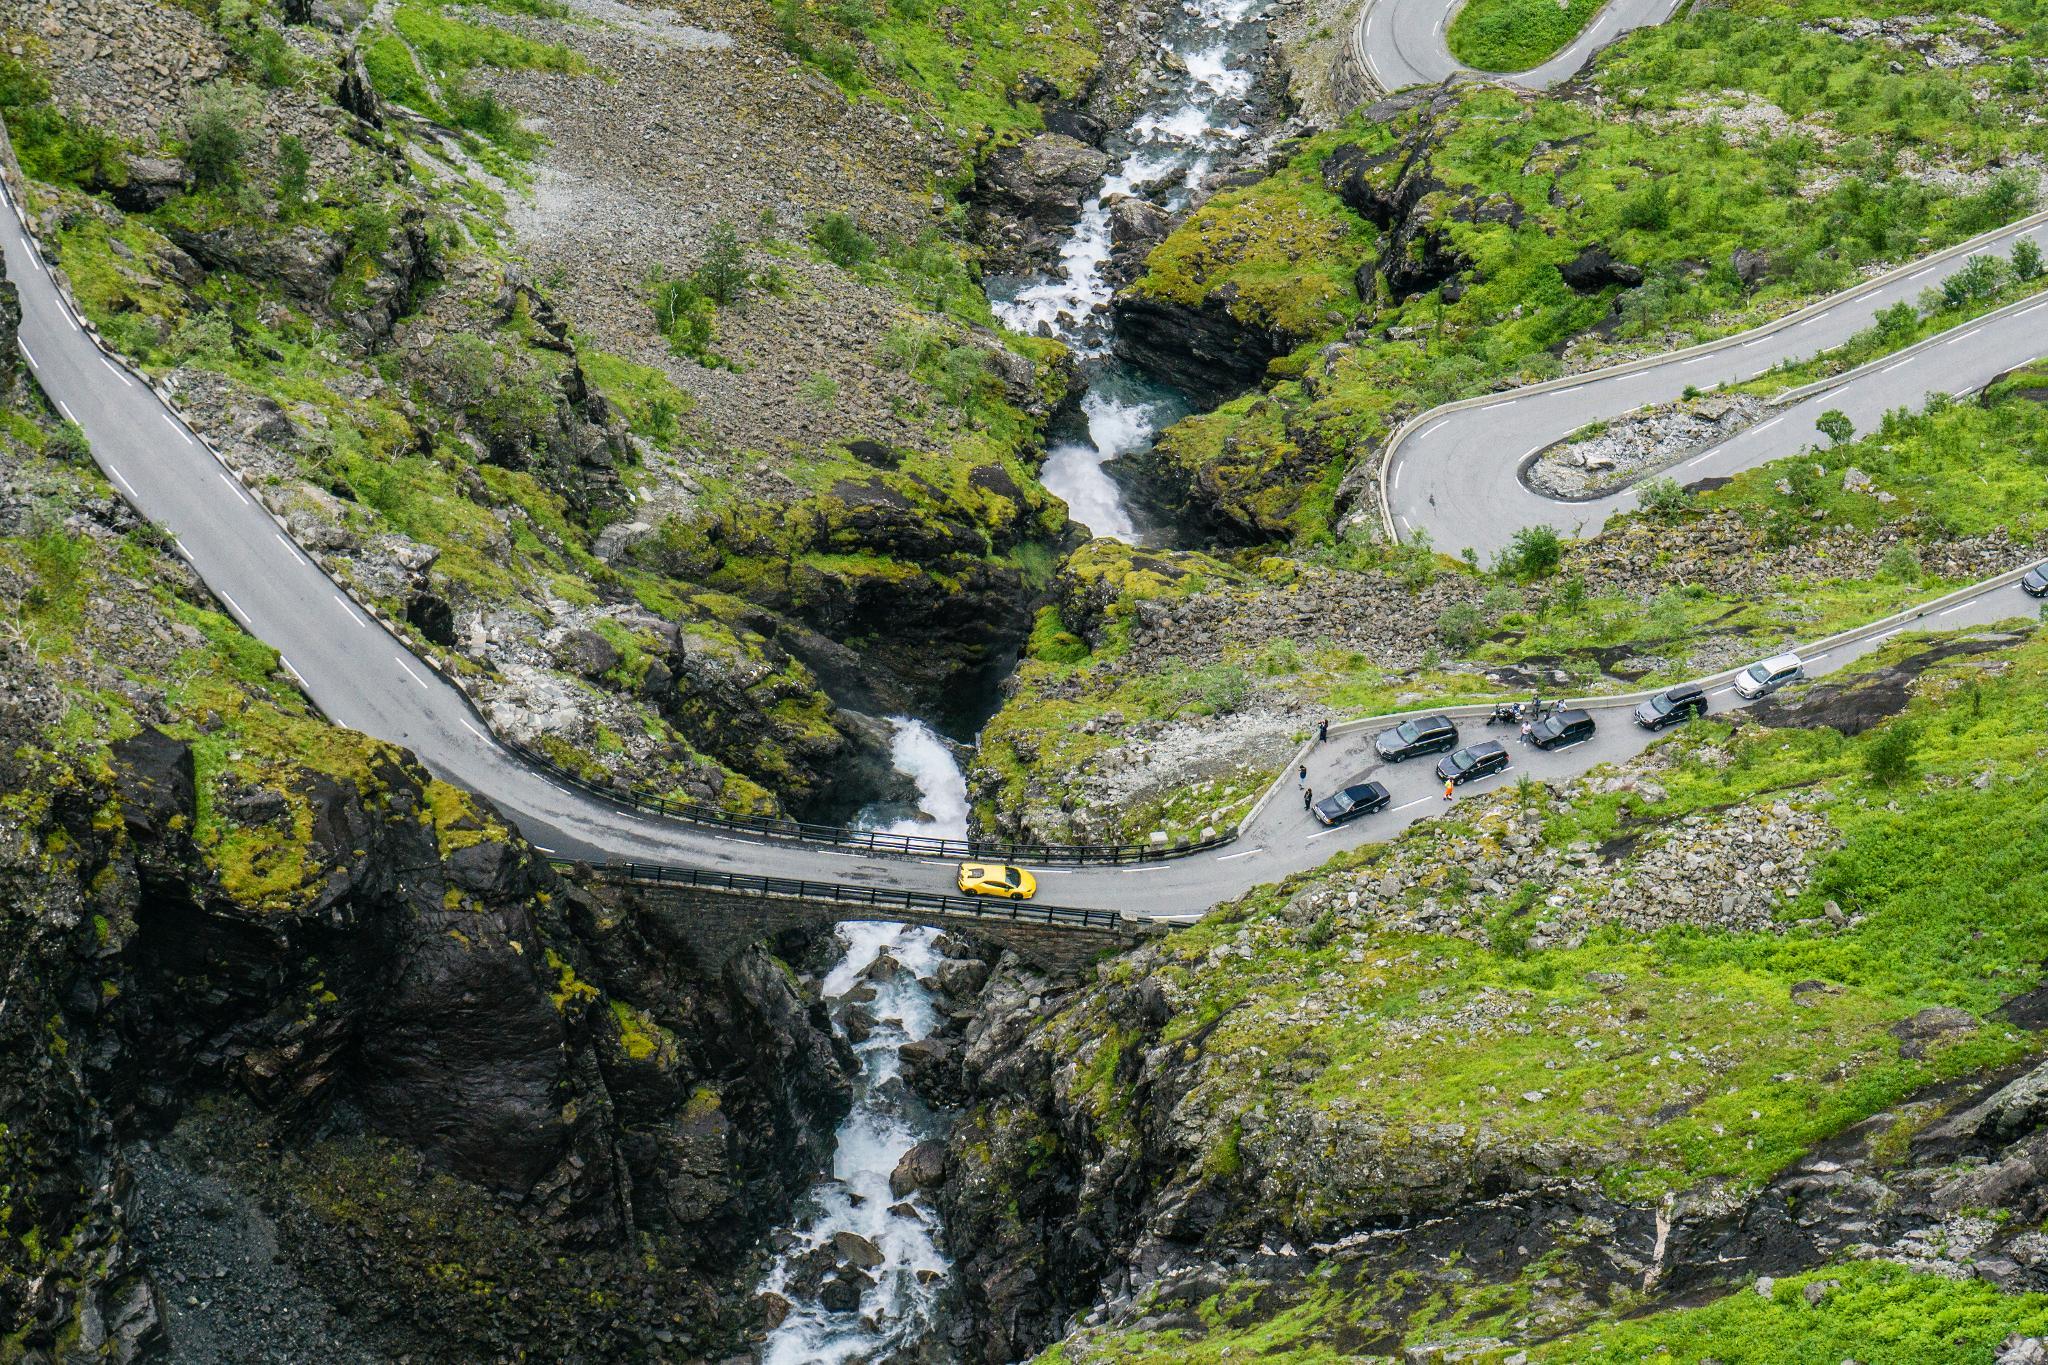 【北歐景點】Trollstigen 精靈之路 ∣ 挪威最驚險的世界級景觀公路 19